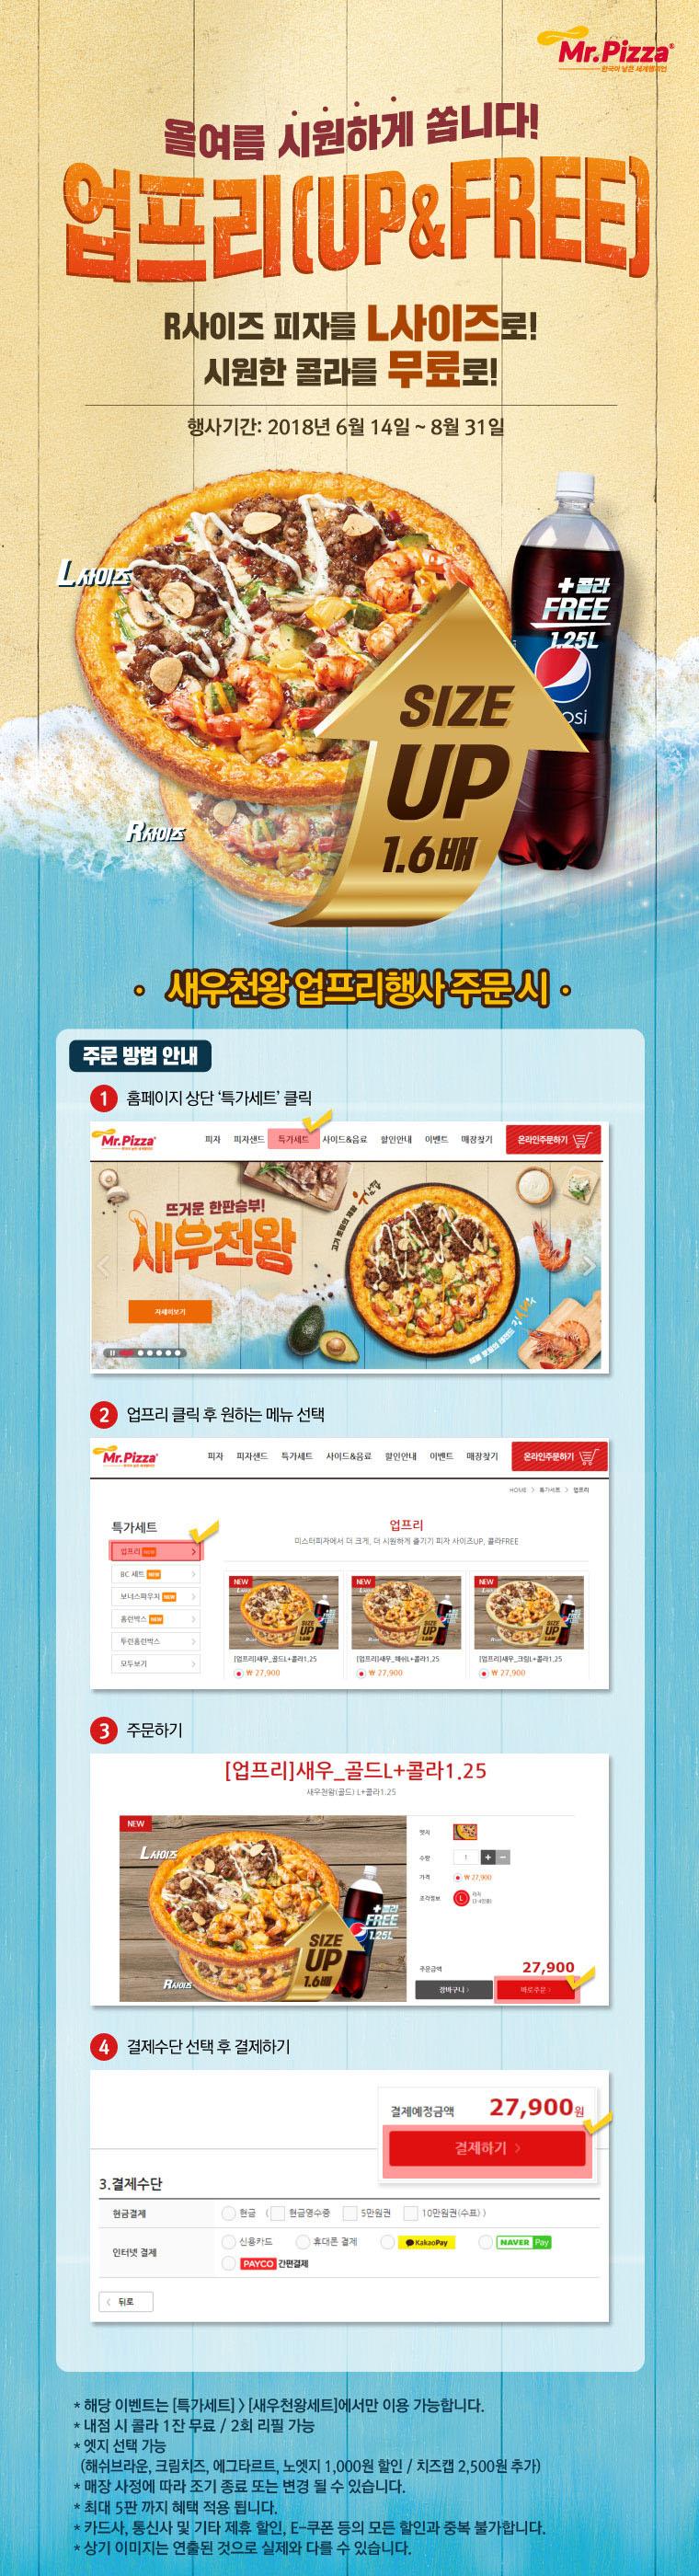 [업프리] 새우천왕 출시 기념! 피자 R 가격으로 사이즈 UP! 콜라 FREE!